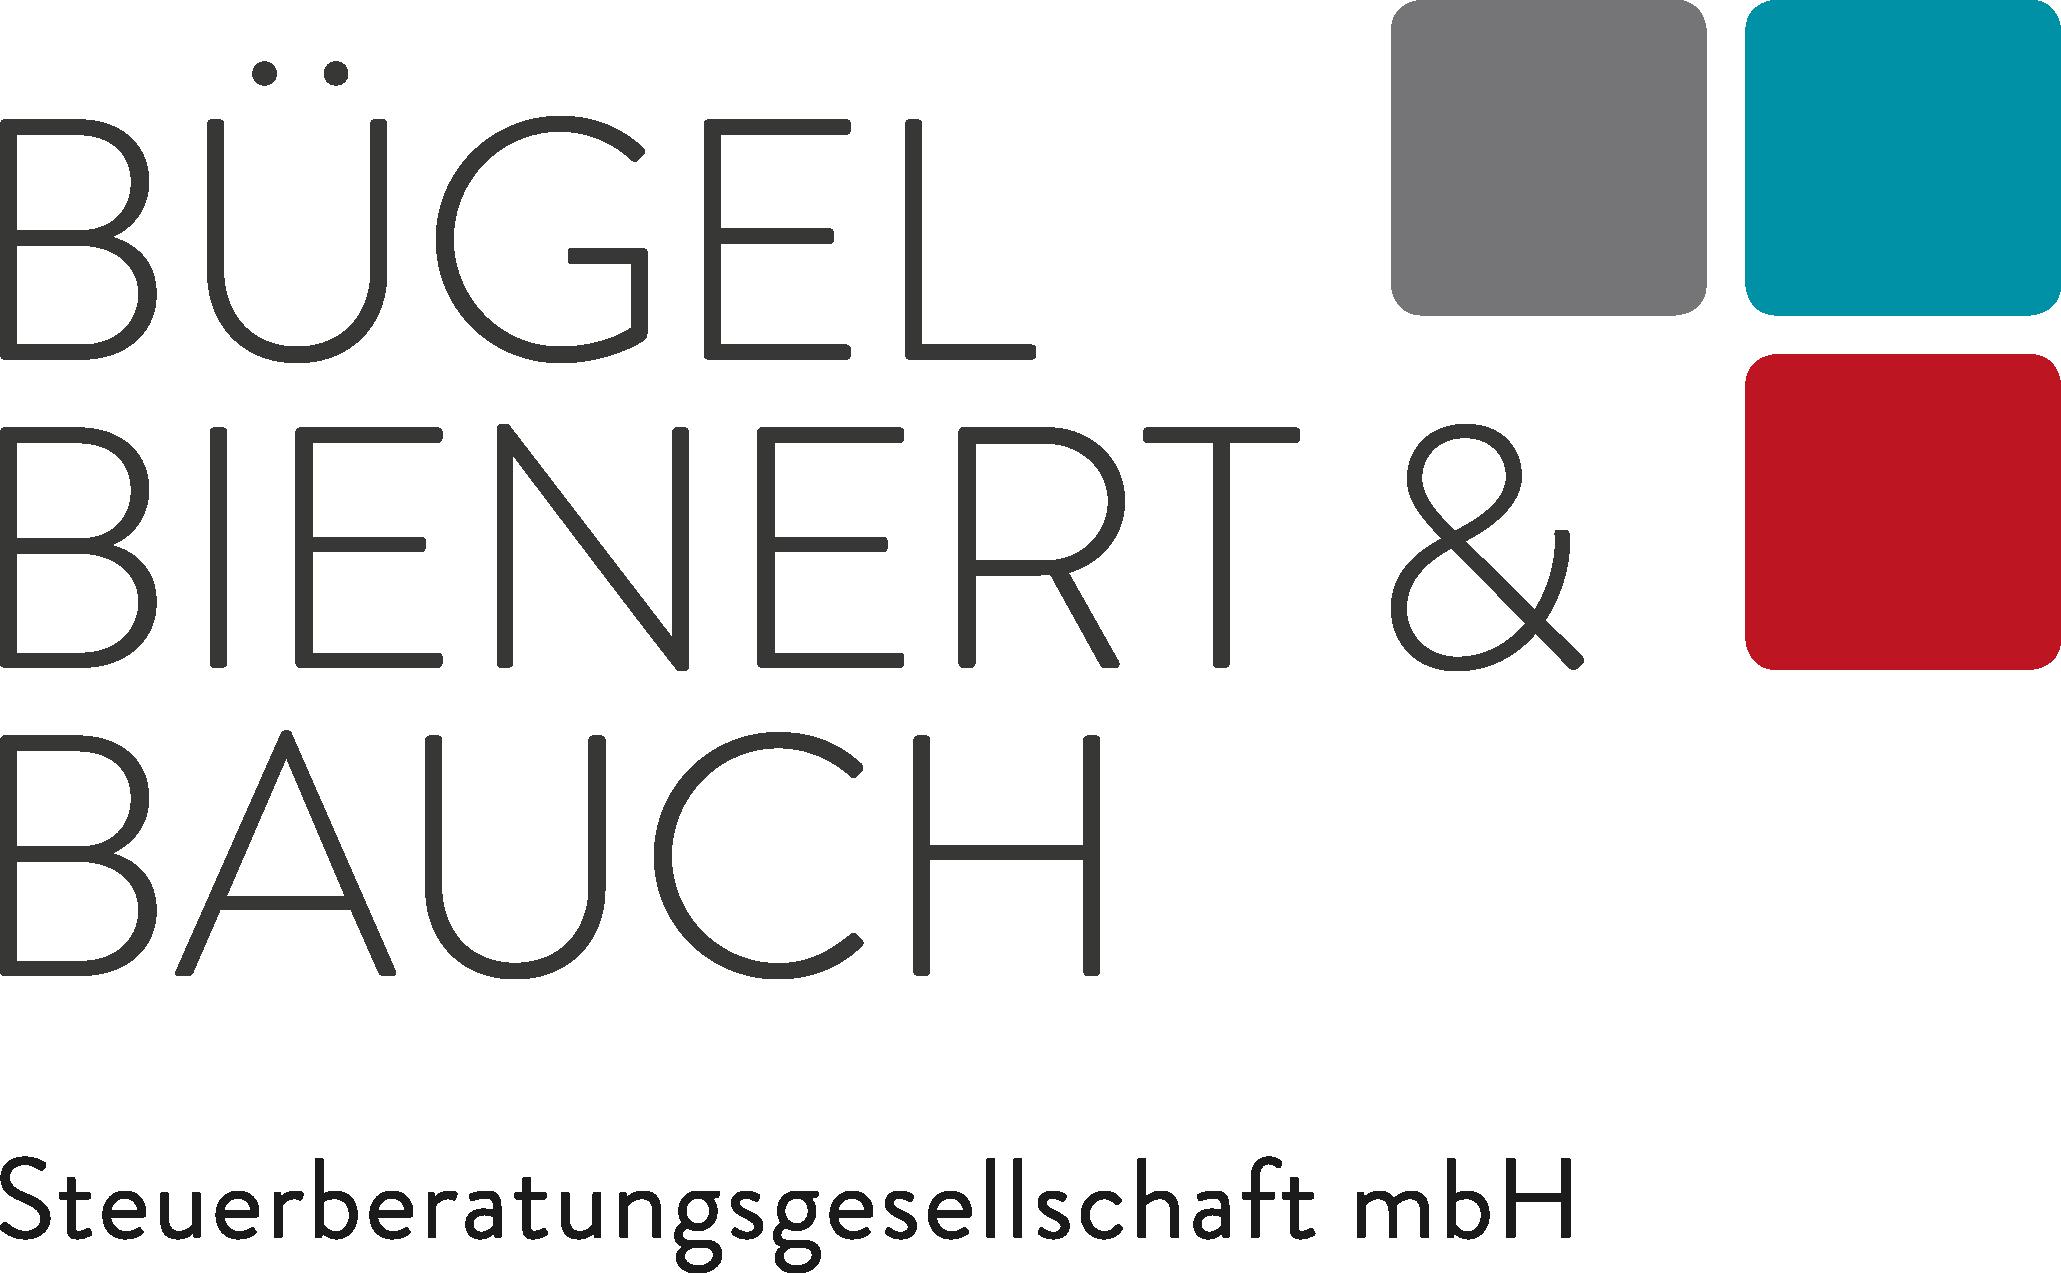 Steuerberater Bügel, Bienert & Bauch